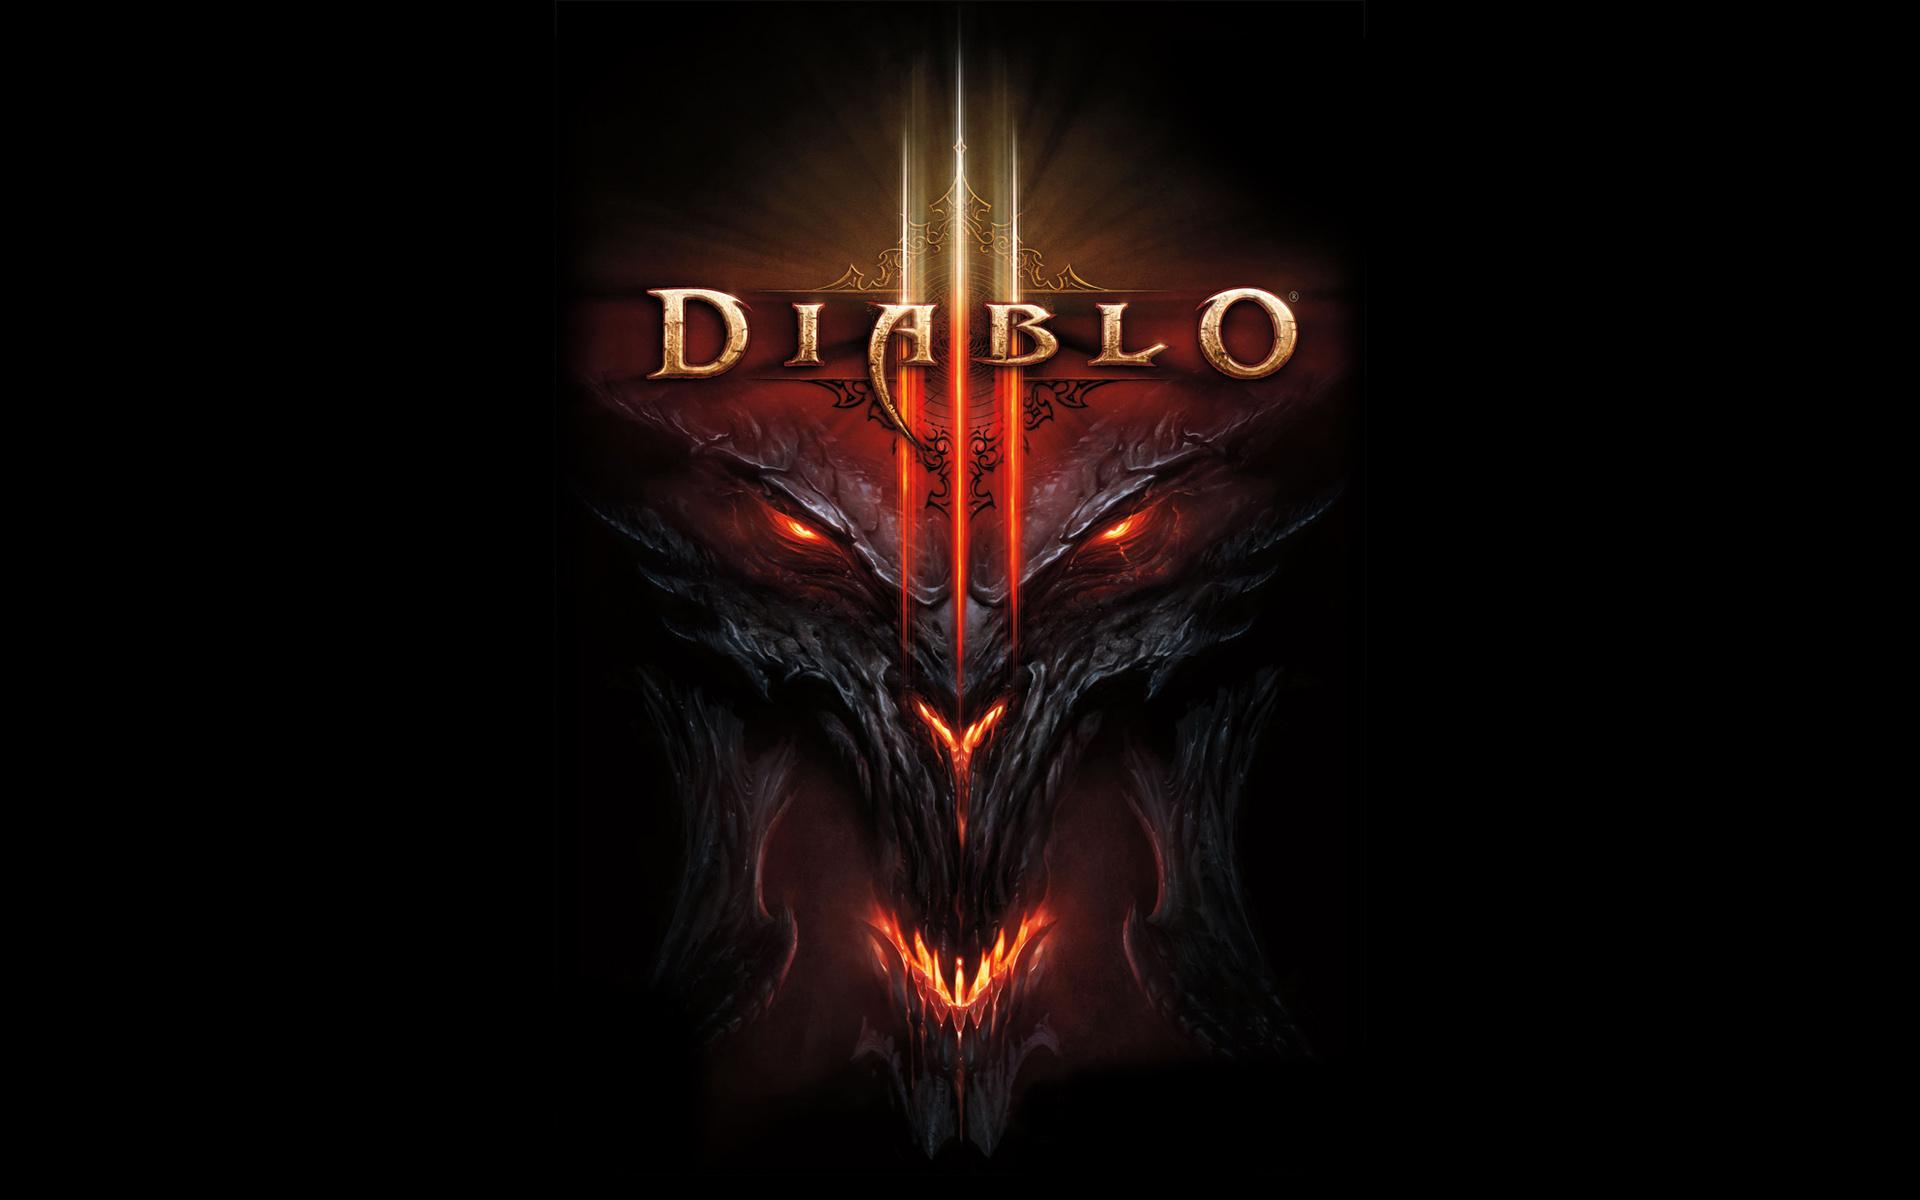 Купить Diablo III аккаунт с полным доступом [BATTLE.NET] Battle.net аккаунт с ПОЛНЫМ ДОСТУПОМ и ГАРАНТИЕЙ + ПОДАРОК + БОНУС + ПРОМО-КОД от Dimikeys